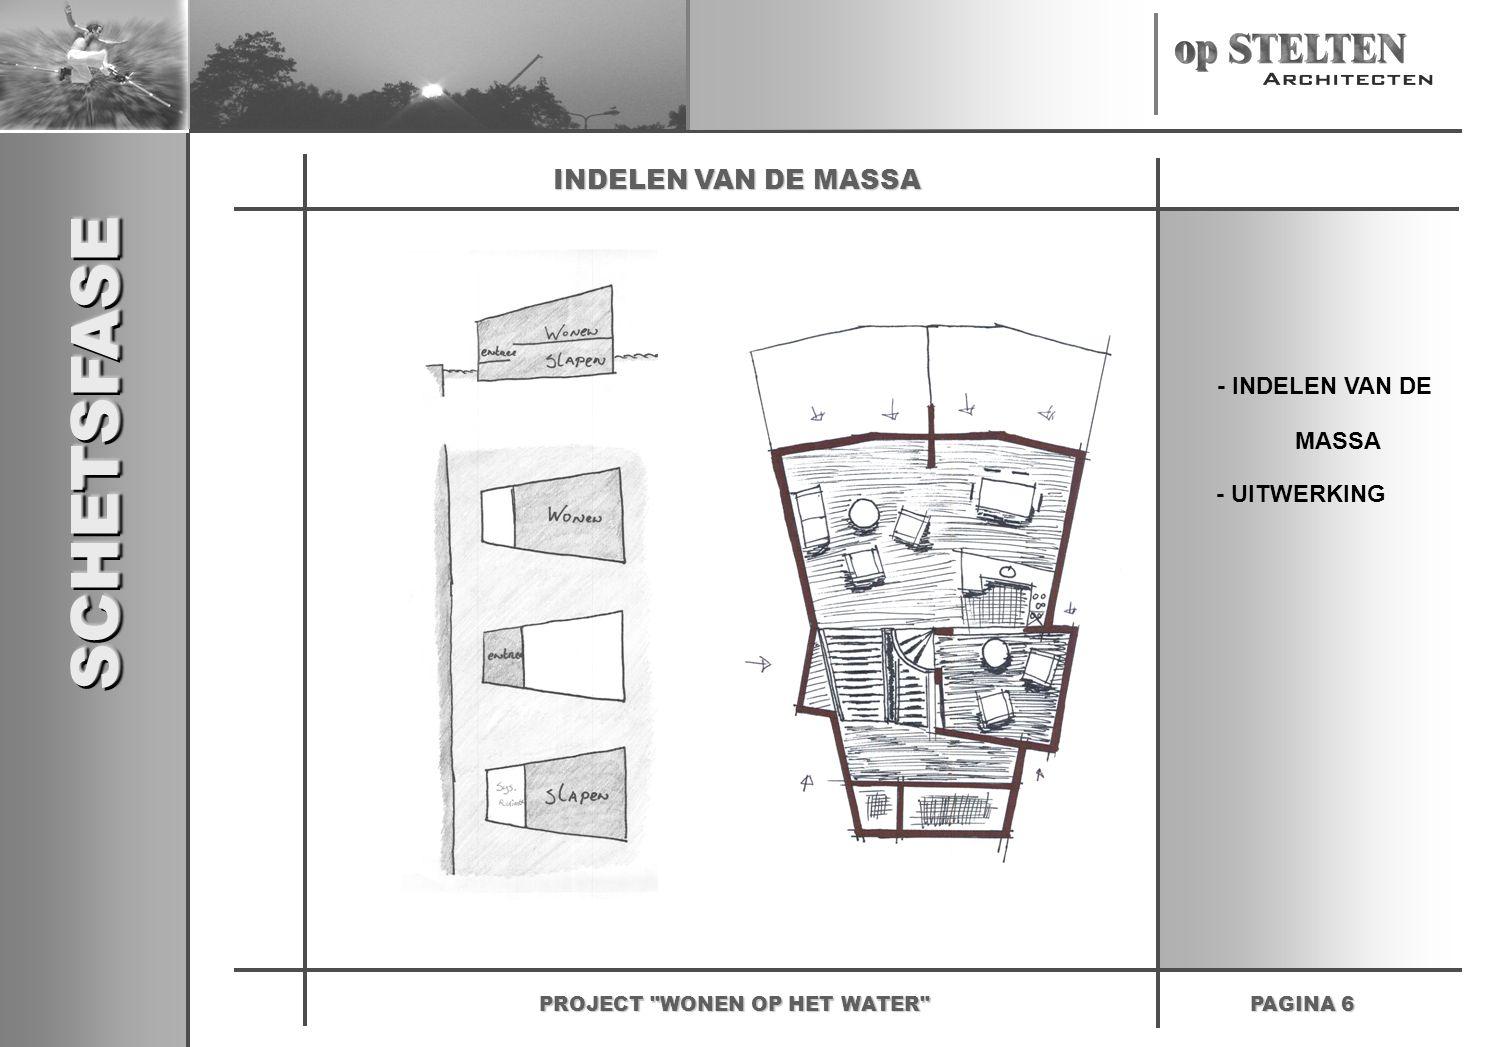 SCHETSFASESCHETSFASE PAGINA 6 PROJECT WONEN OP HET WATER INDELEN VAN DE MASSA - INDELEN VAN DE - UITWERKING MASSA